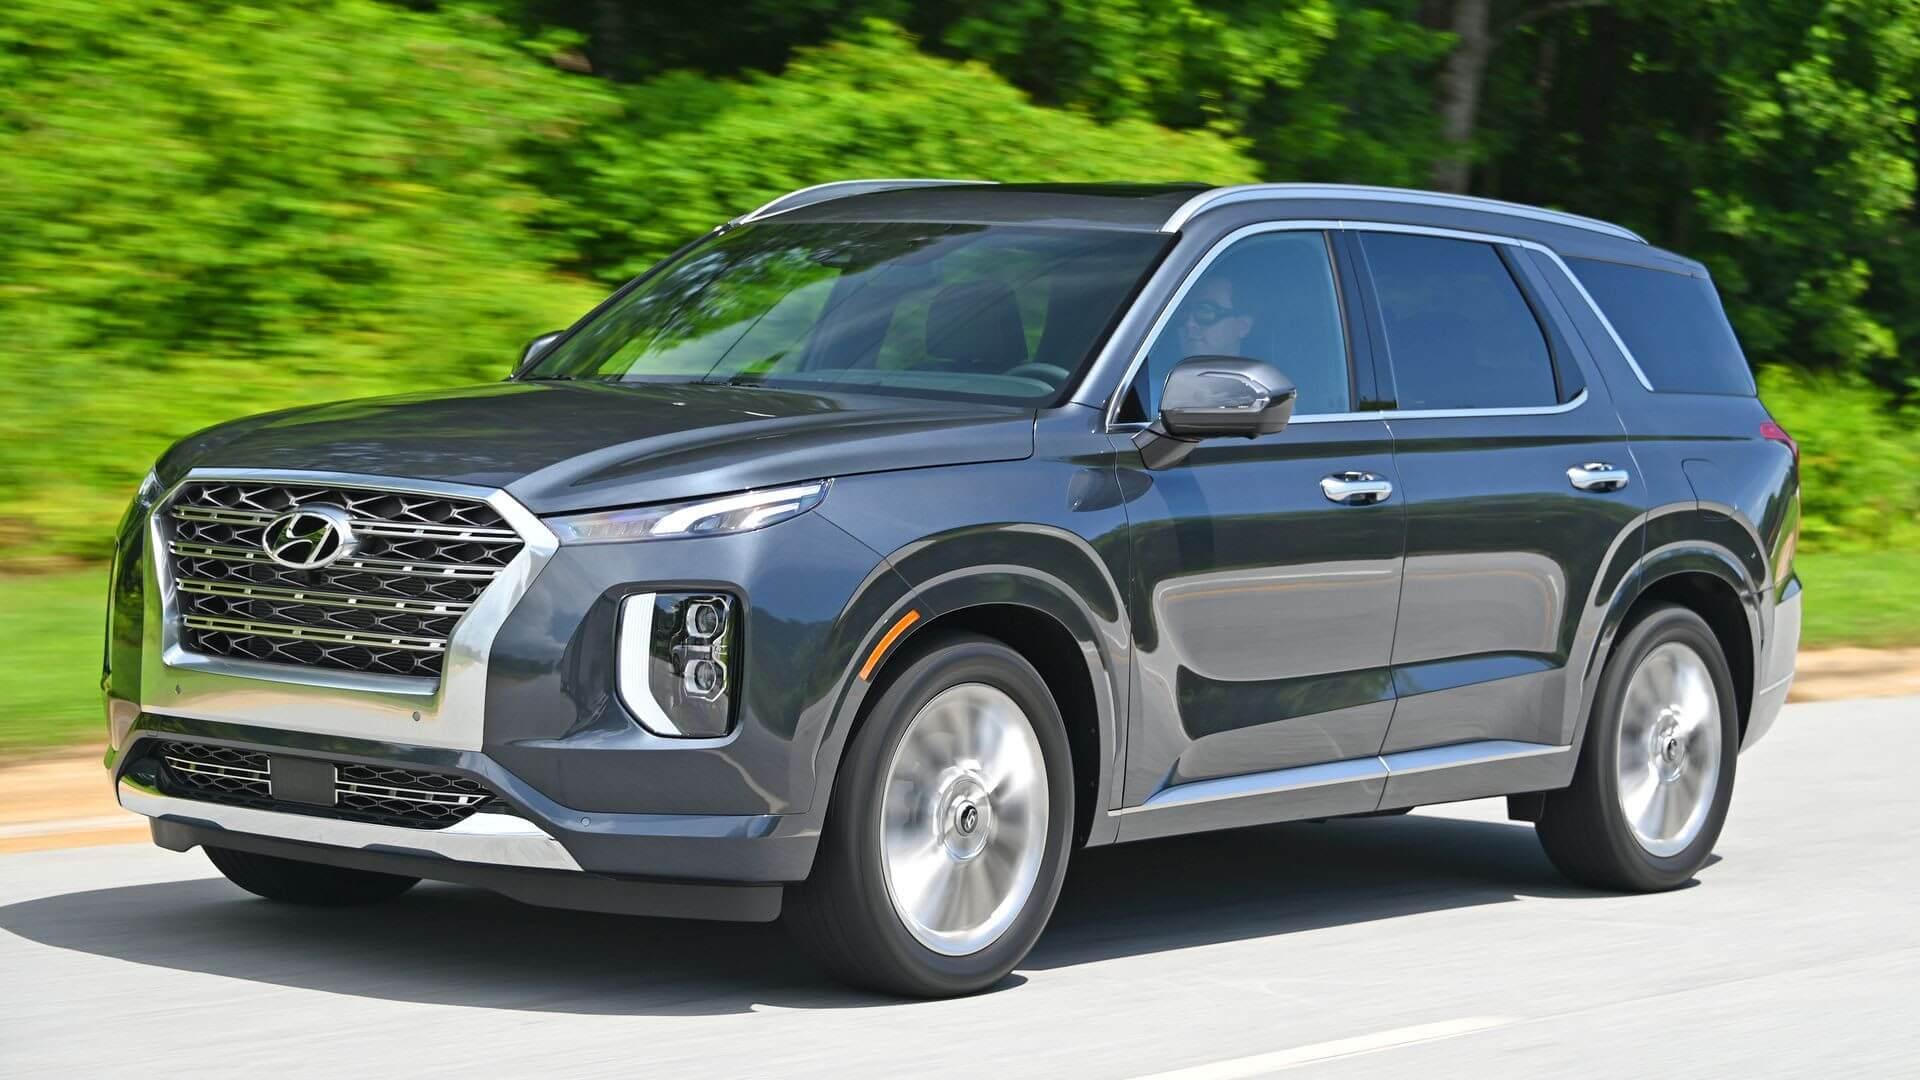 2020 Hyundai Palisade Review Specs And Pricing Wallace Hyundai Blog